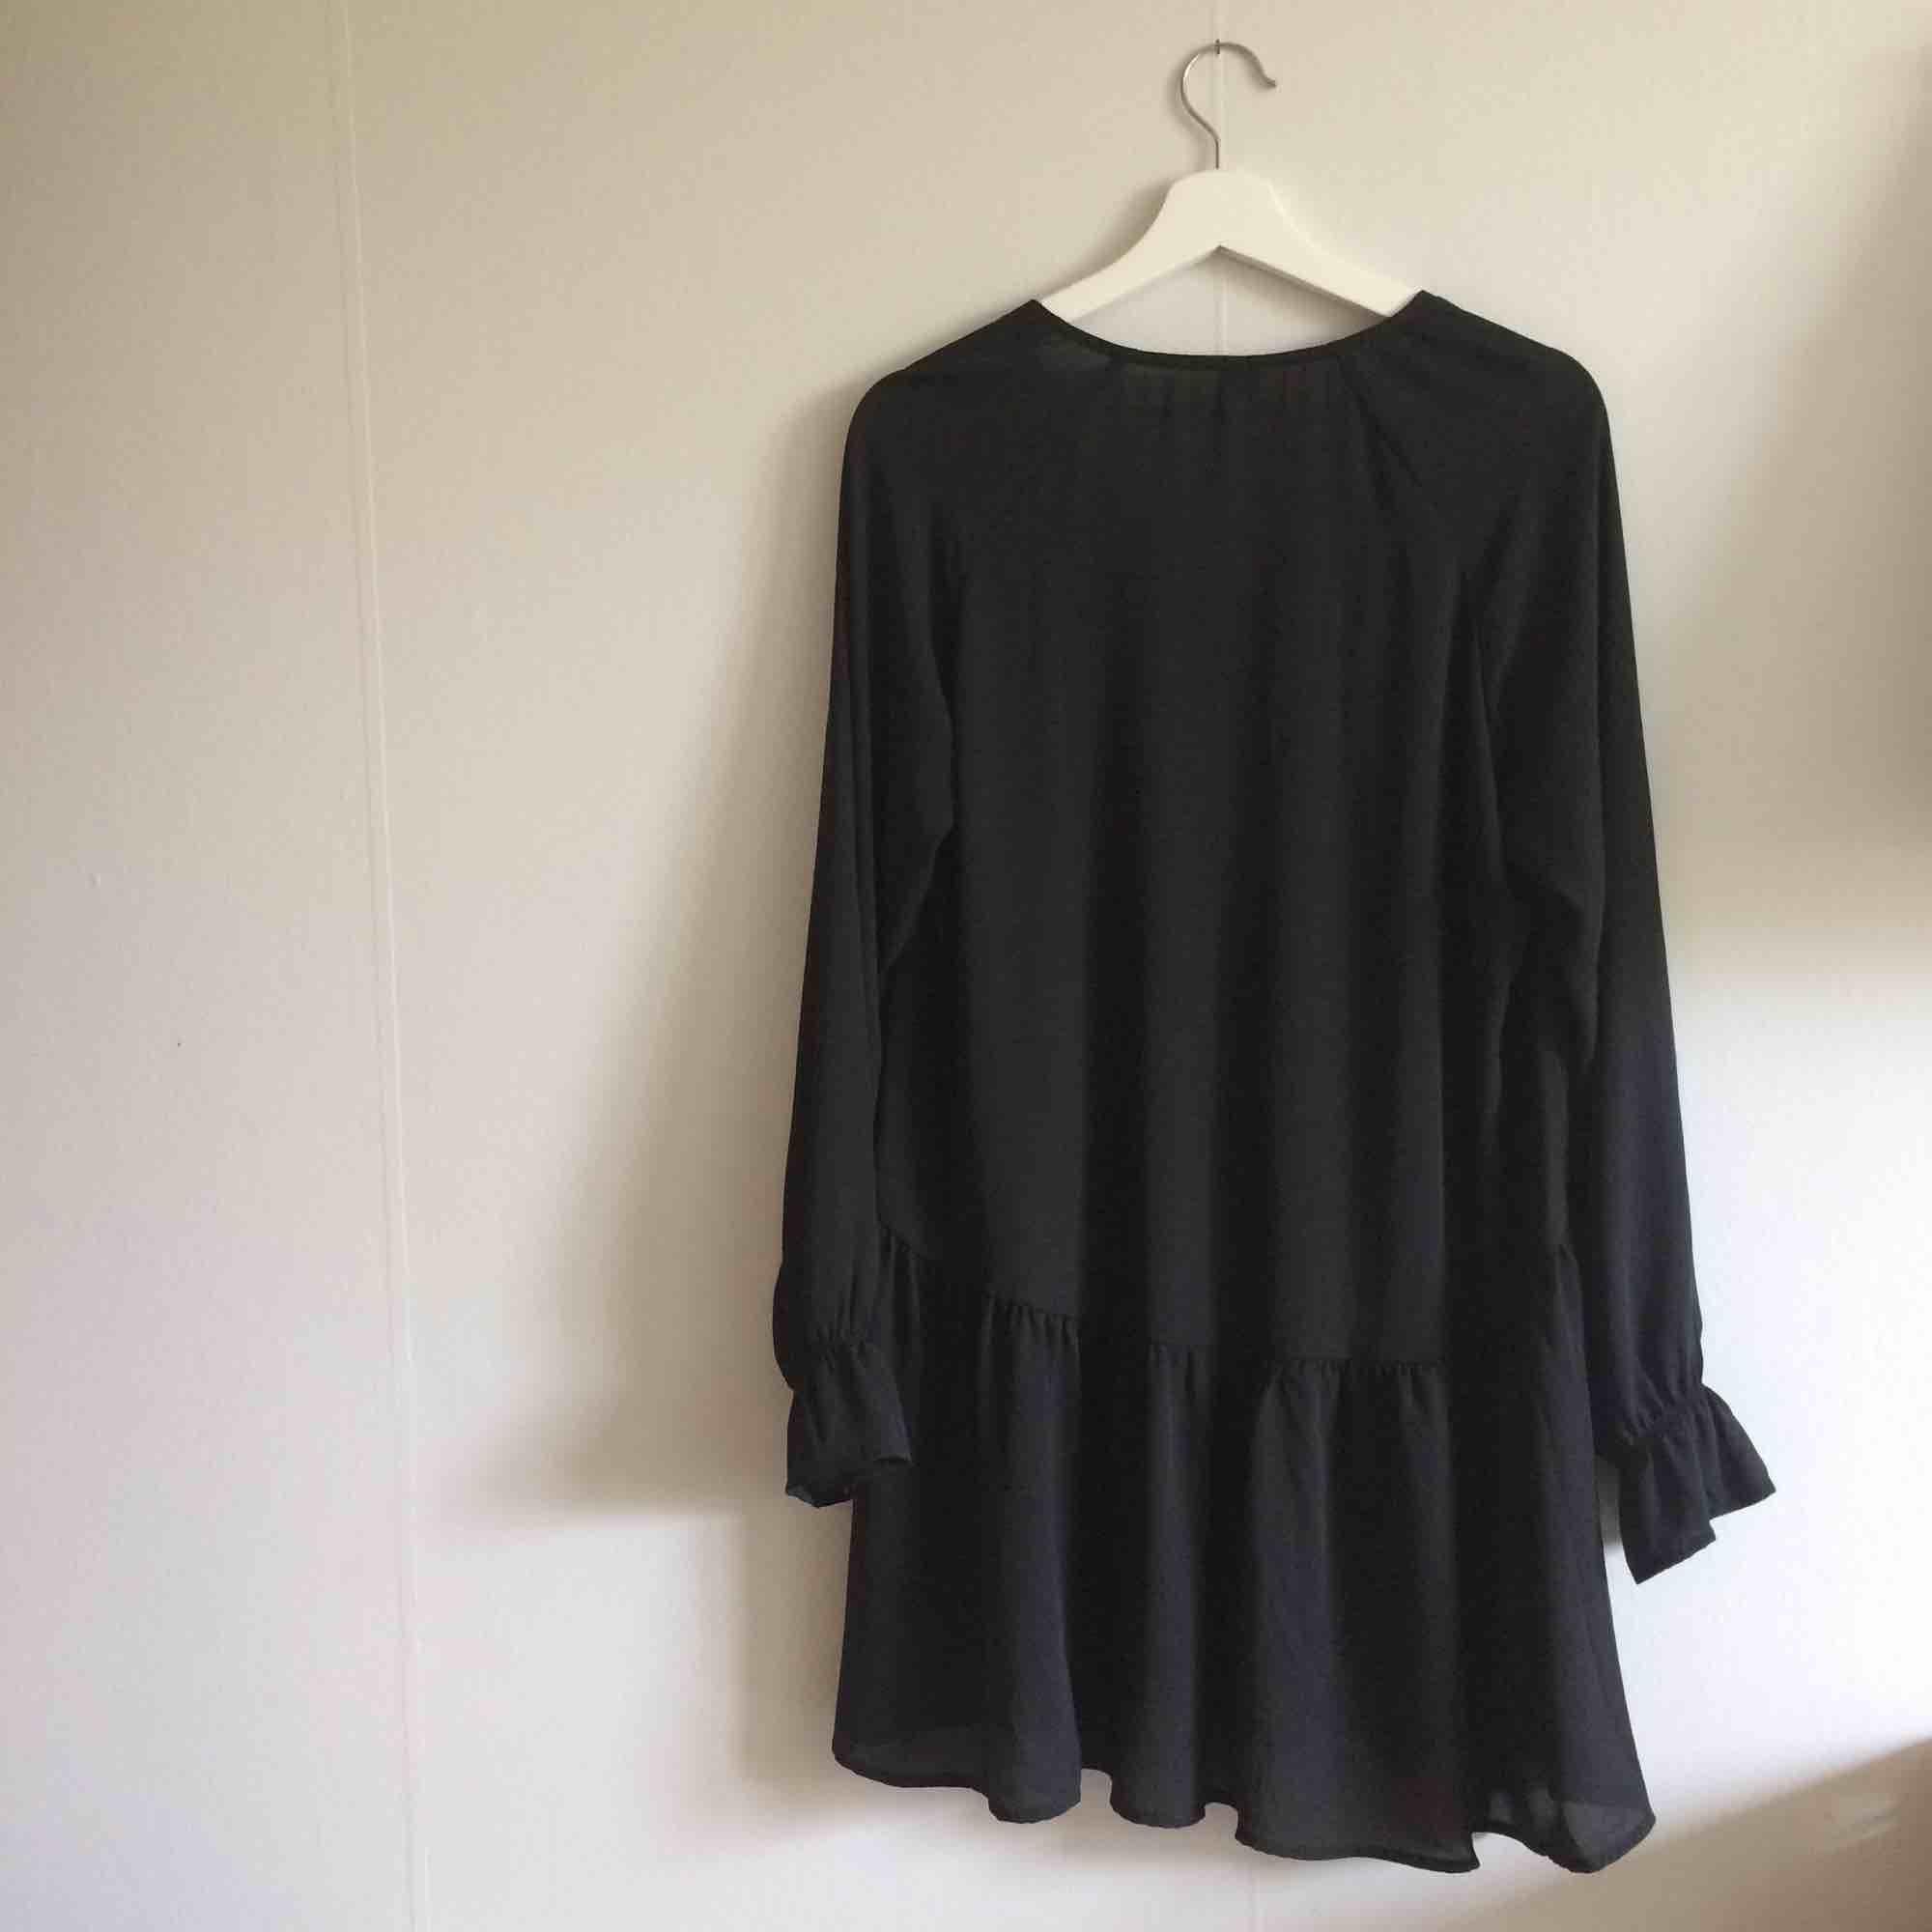 Vero Moda svart blusklänning, köpt i dec 2018, oanvänd, polyester. Blusar.